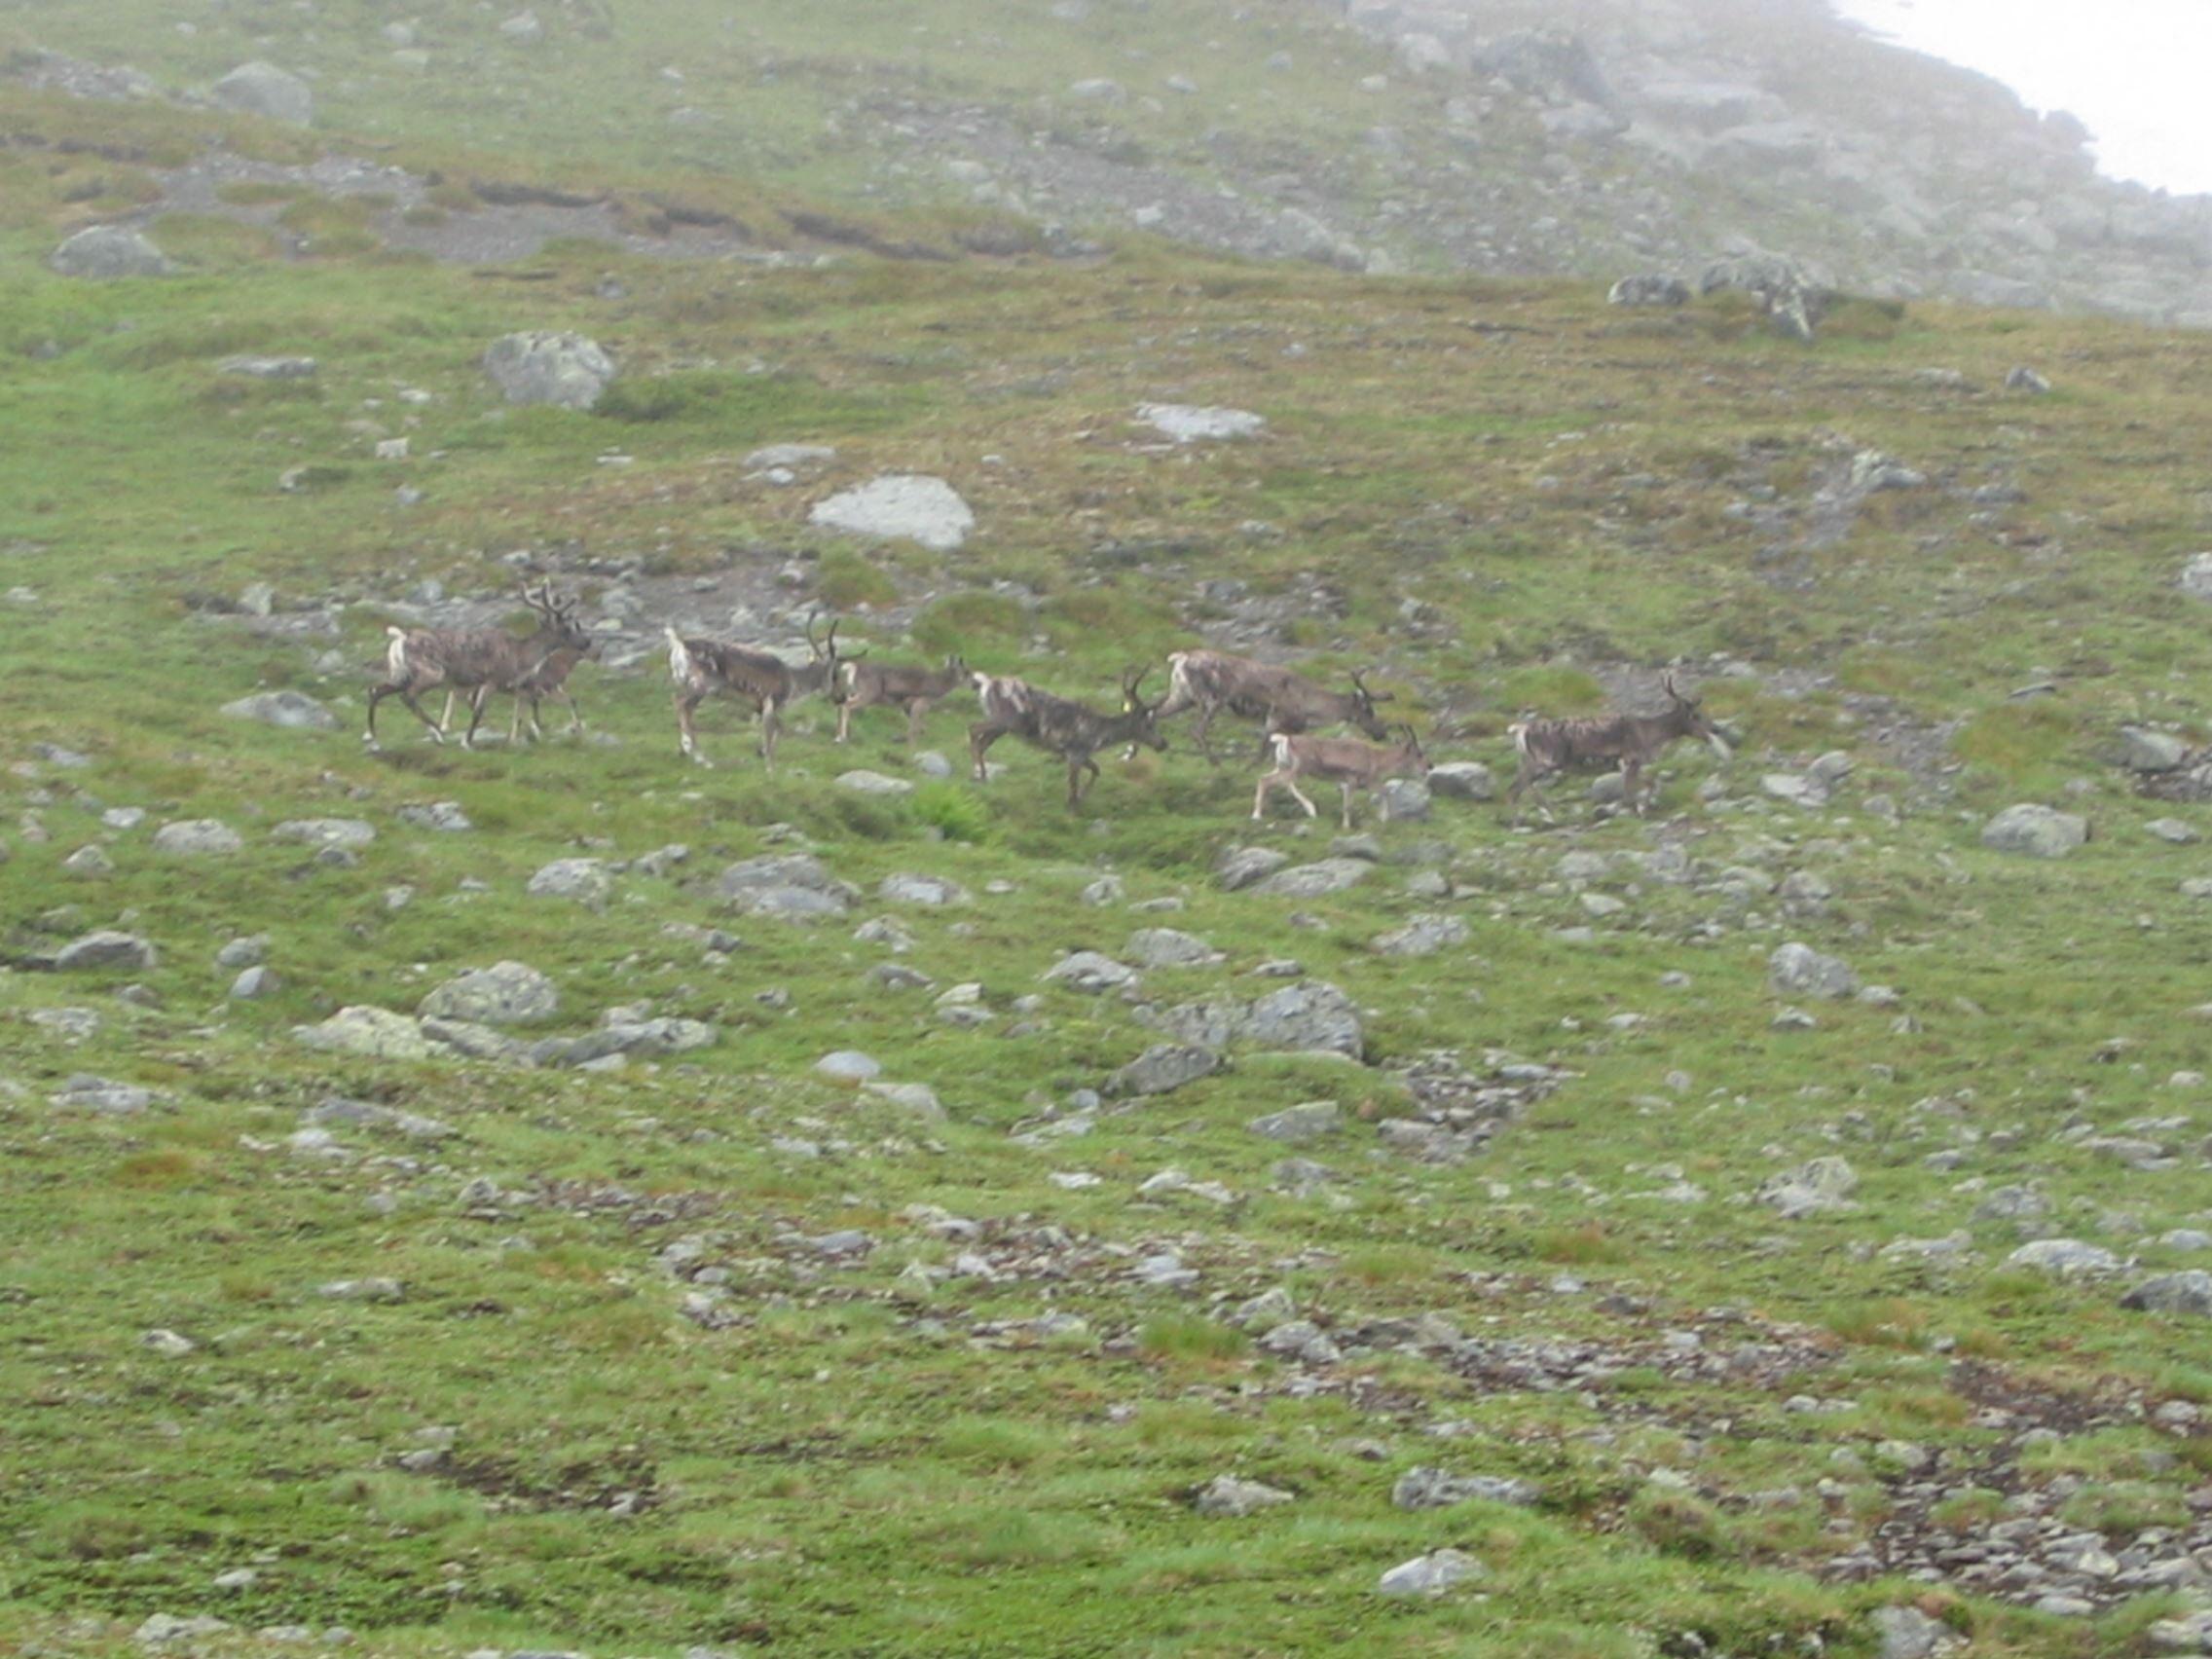 The sami reindeer migration